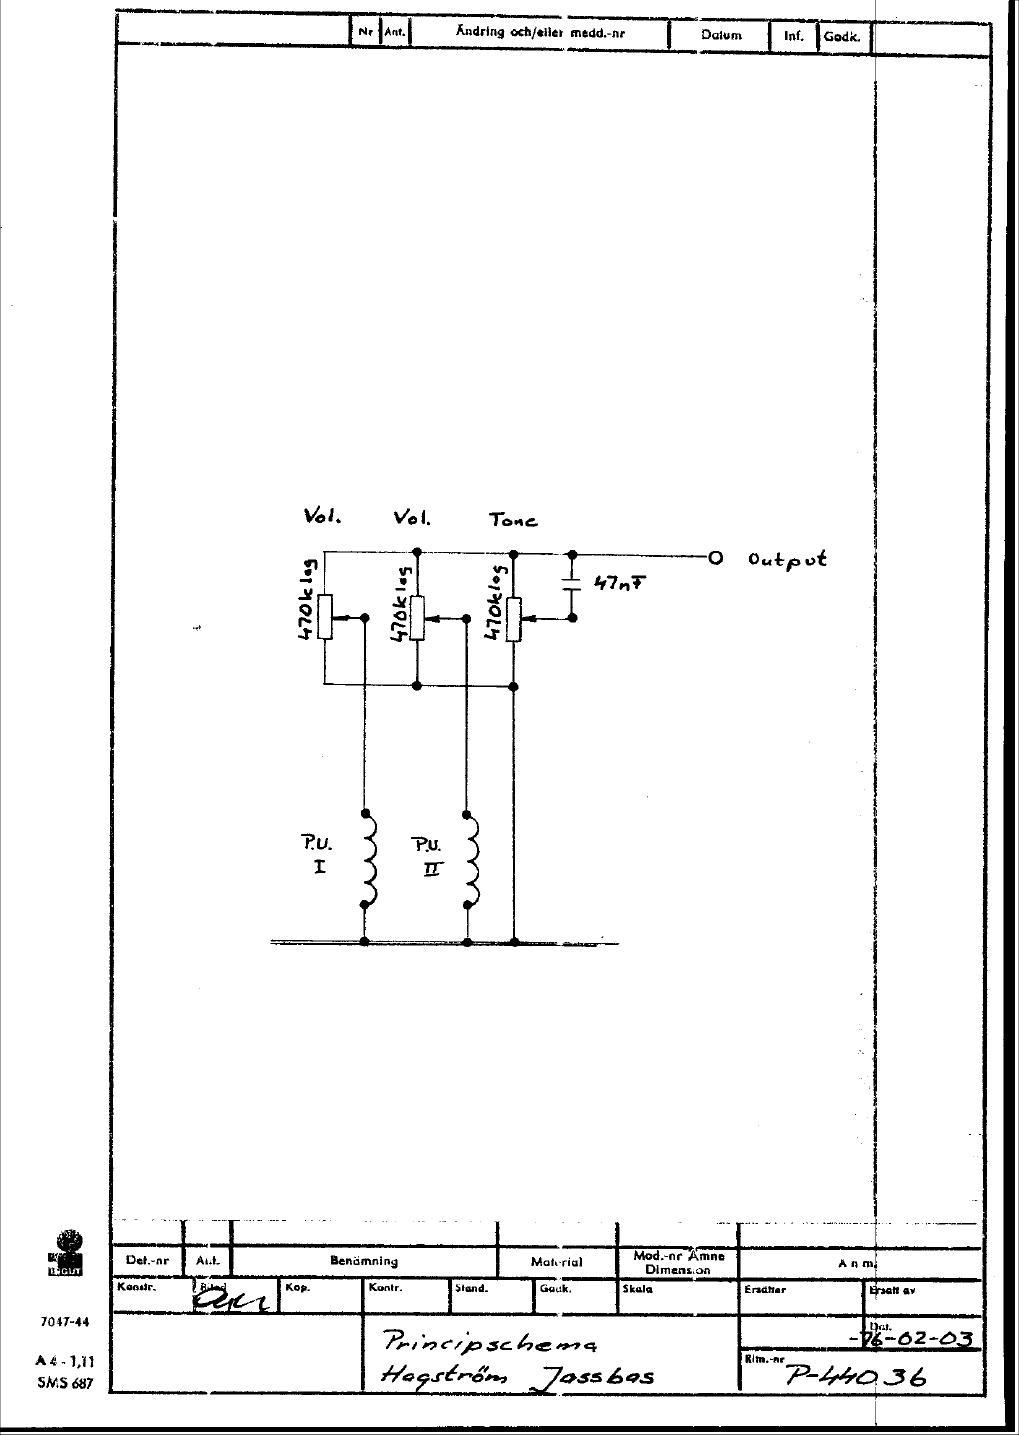 schemat /Przystawki2/Hagstrom Jazzbass-1976.jpg